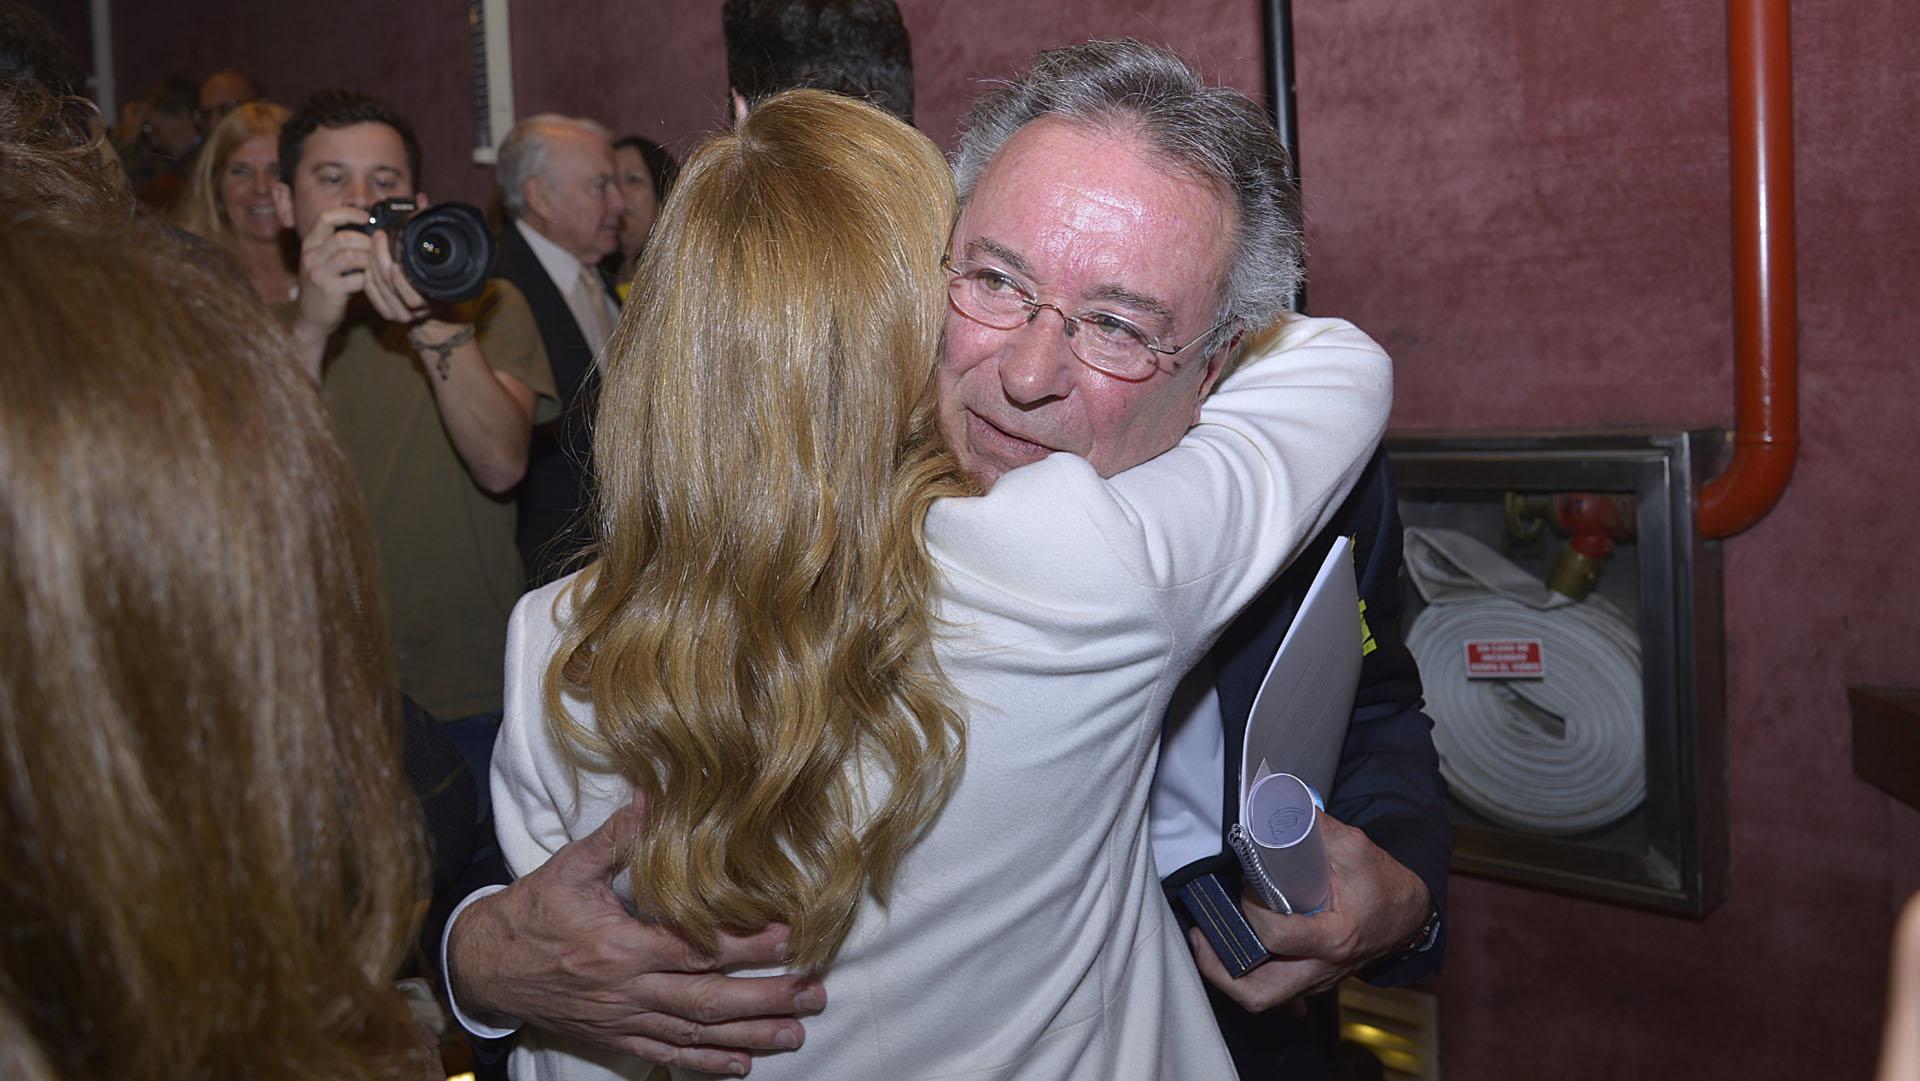 El abrazo con su mujer